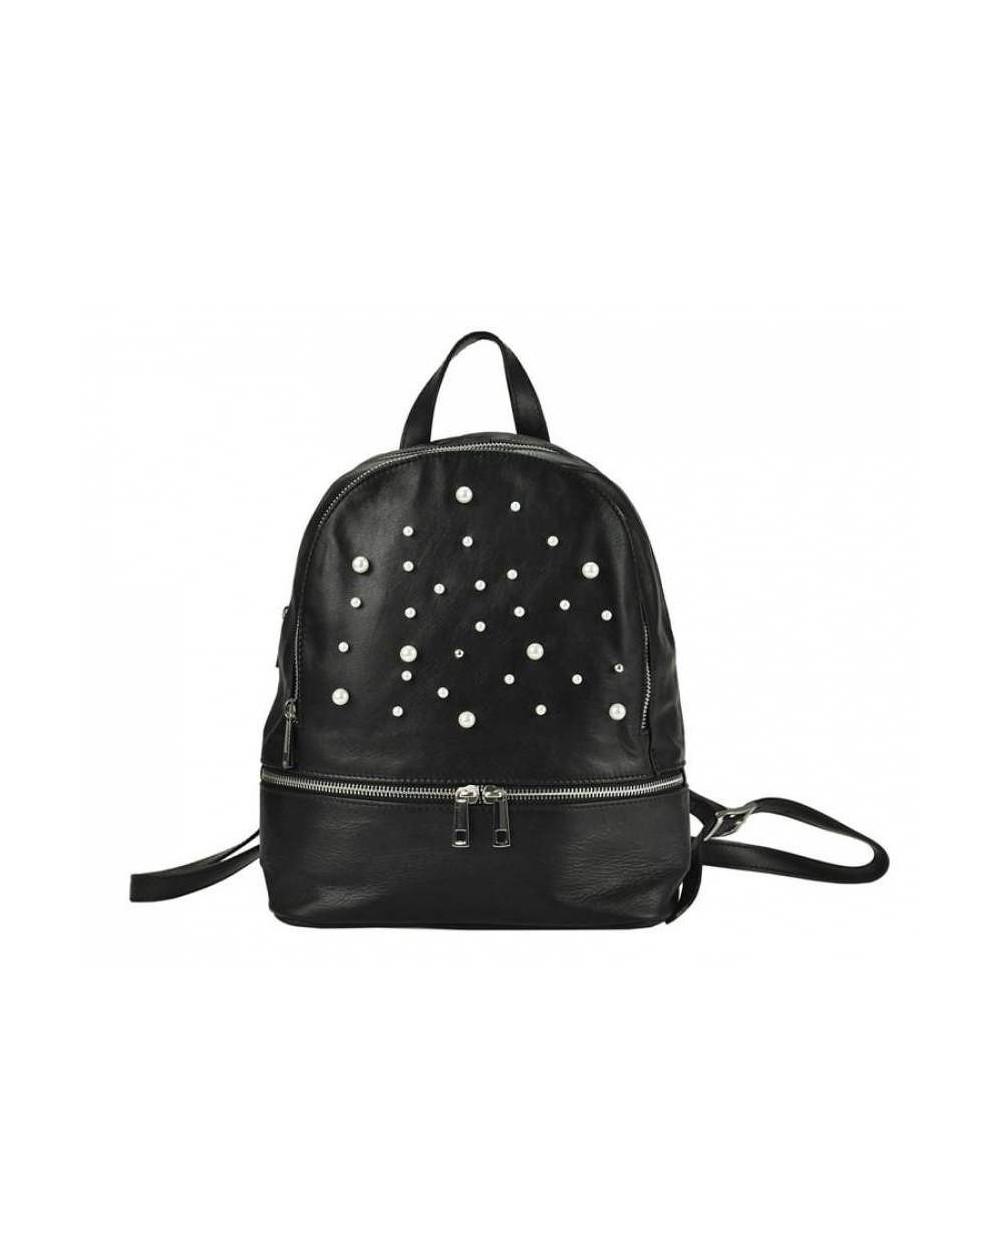 Damski skórzany plecak z perełkami czarny